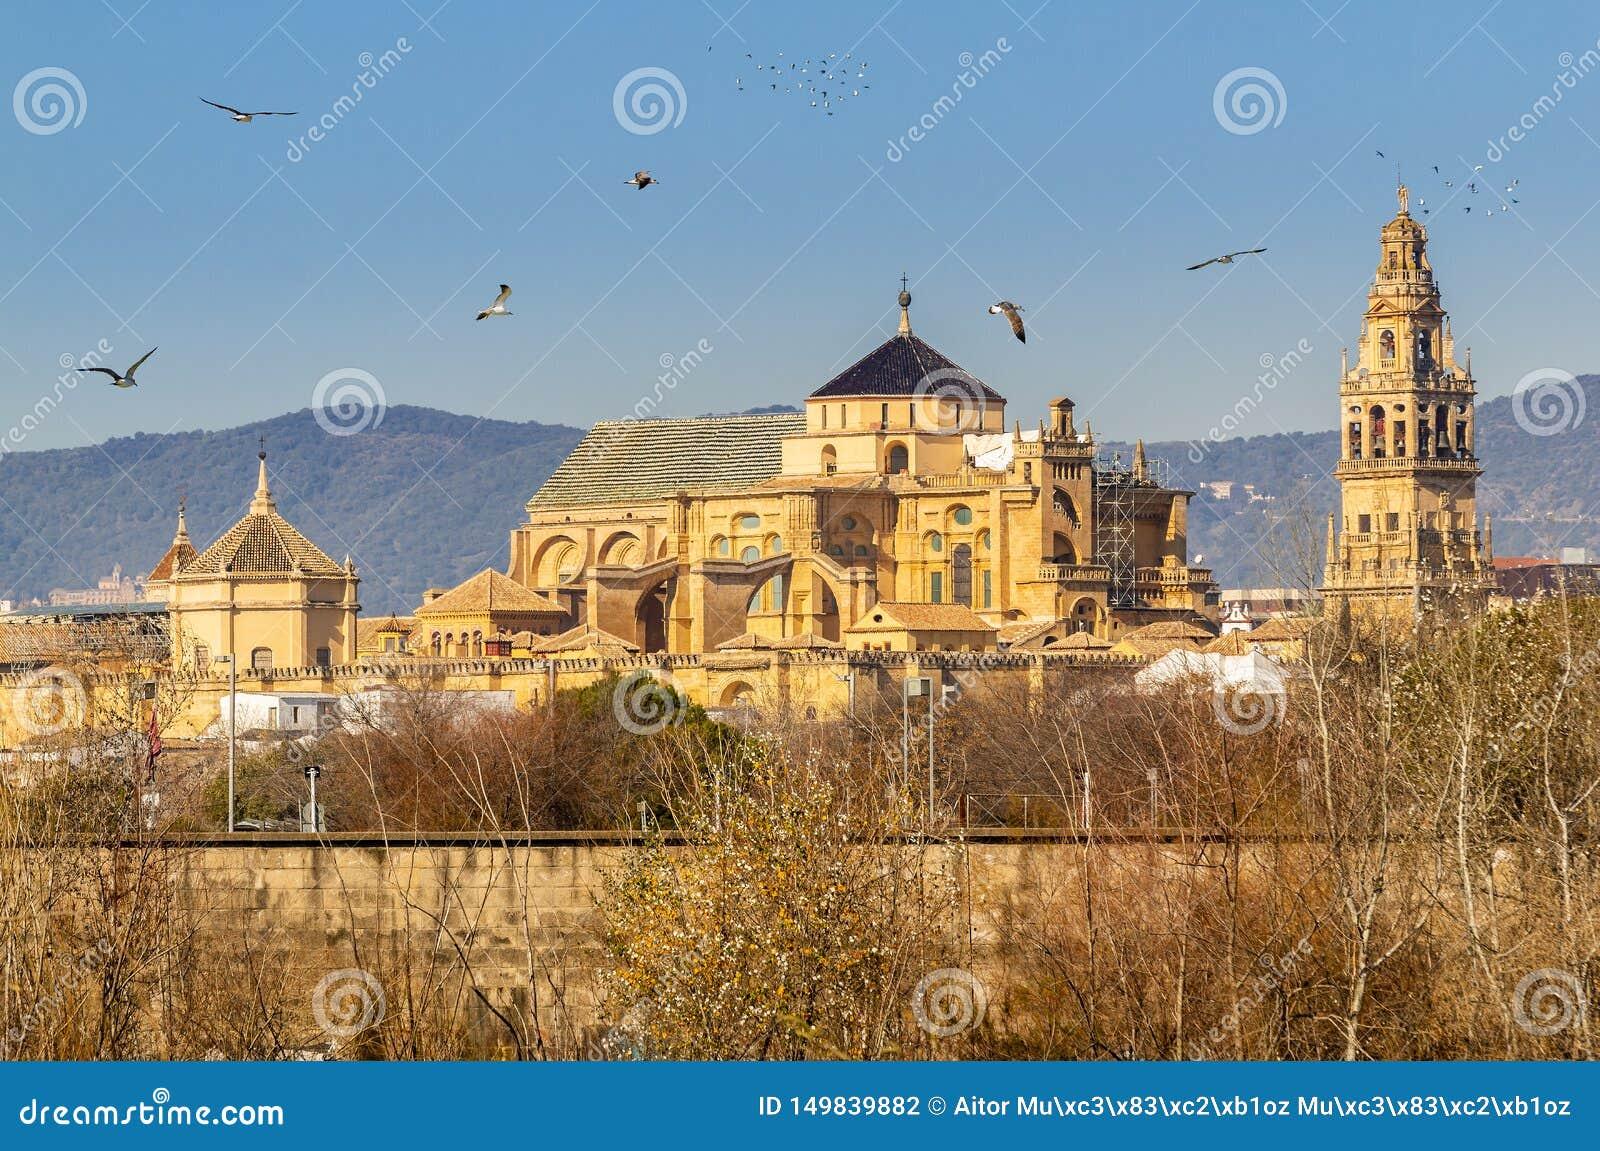 科多巴市老梅斯基塔大教堂在瓜达尔基维尔河河上的在安大路西亚,西班牙